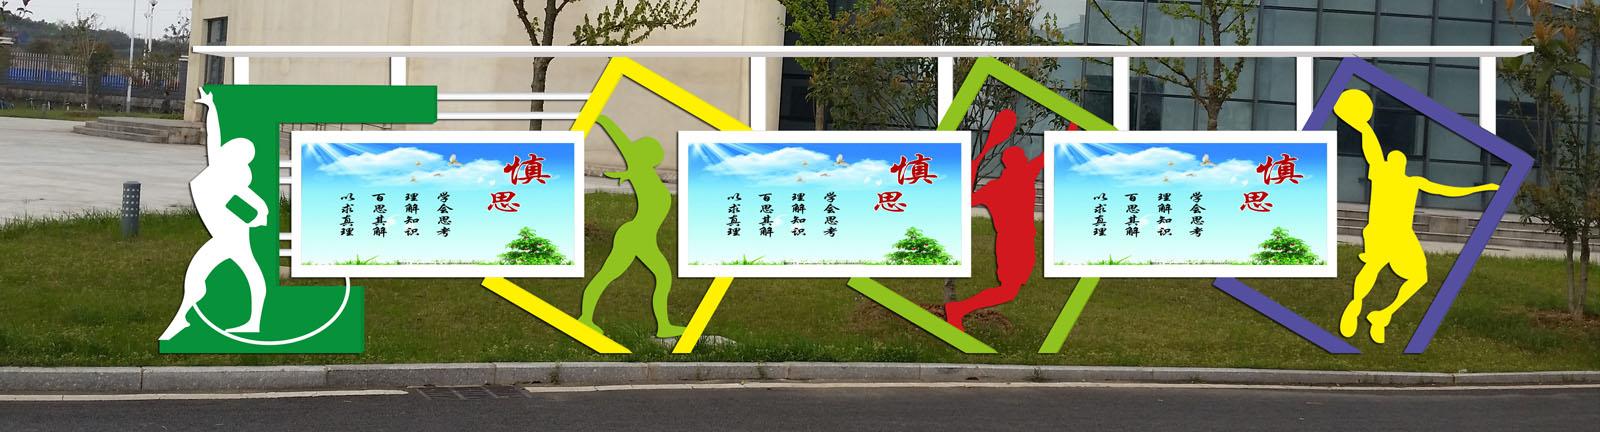 安徽公交候车亭